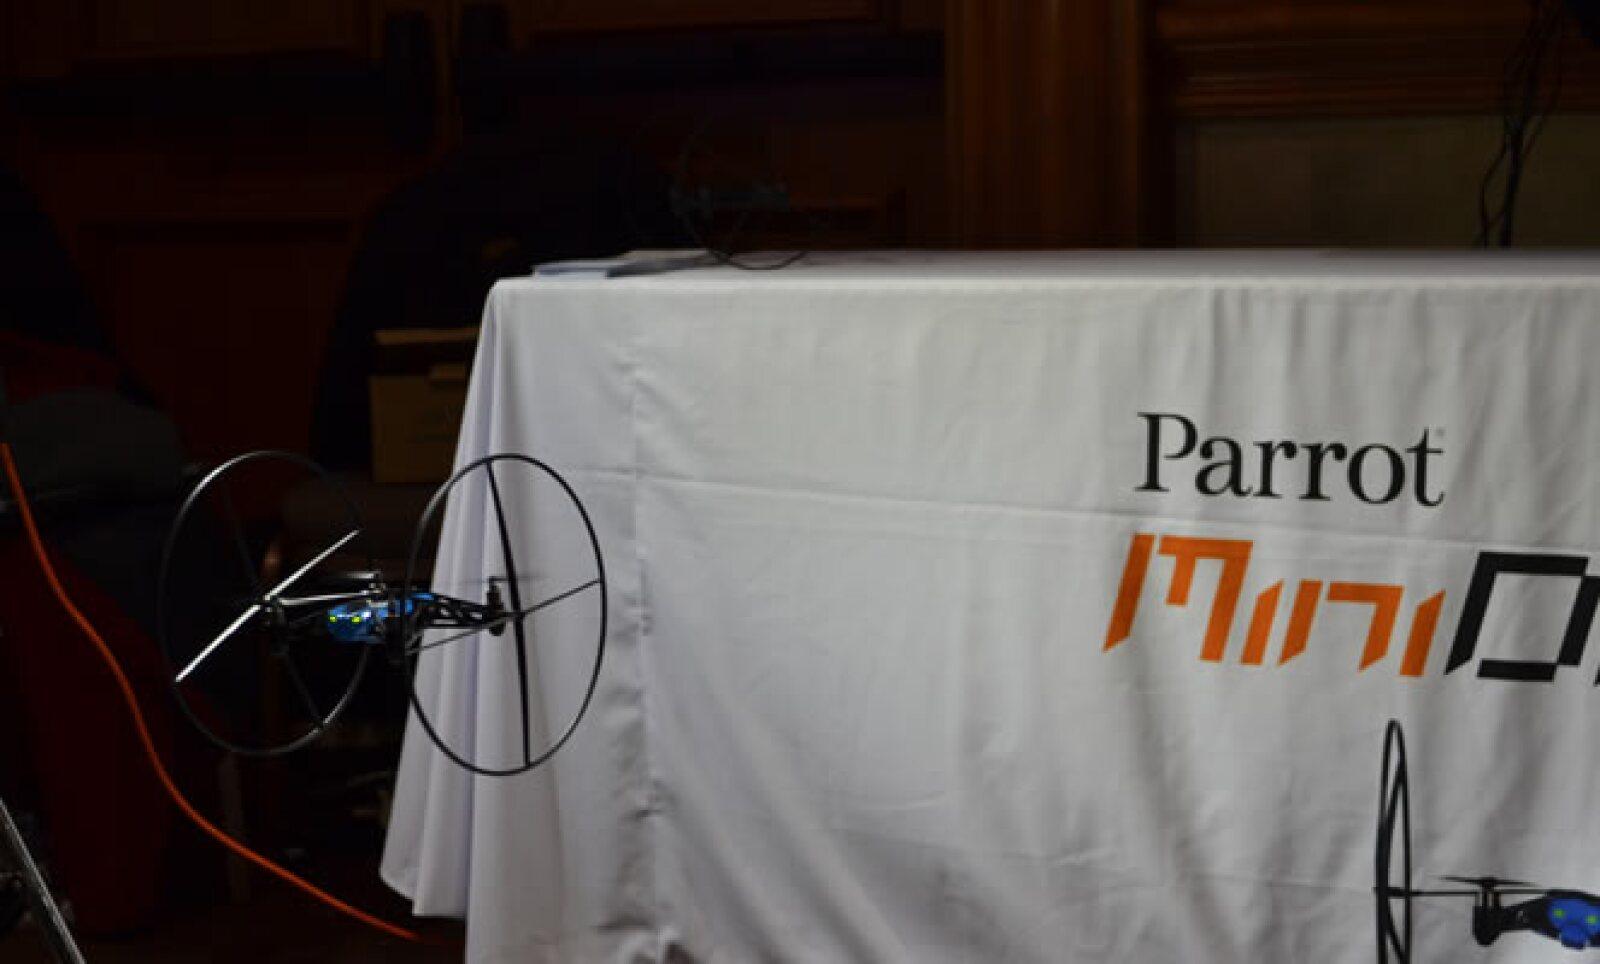 Con sólo 50 gramos de peso, el aparato controlado a distancia es la más reciente innovación de la firma Parrot pensada para jugar en casa.